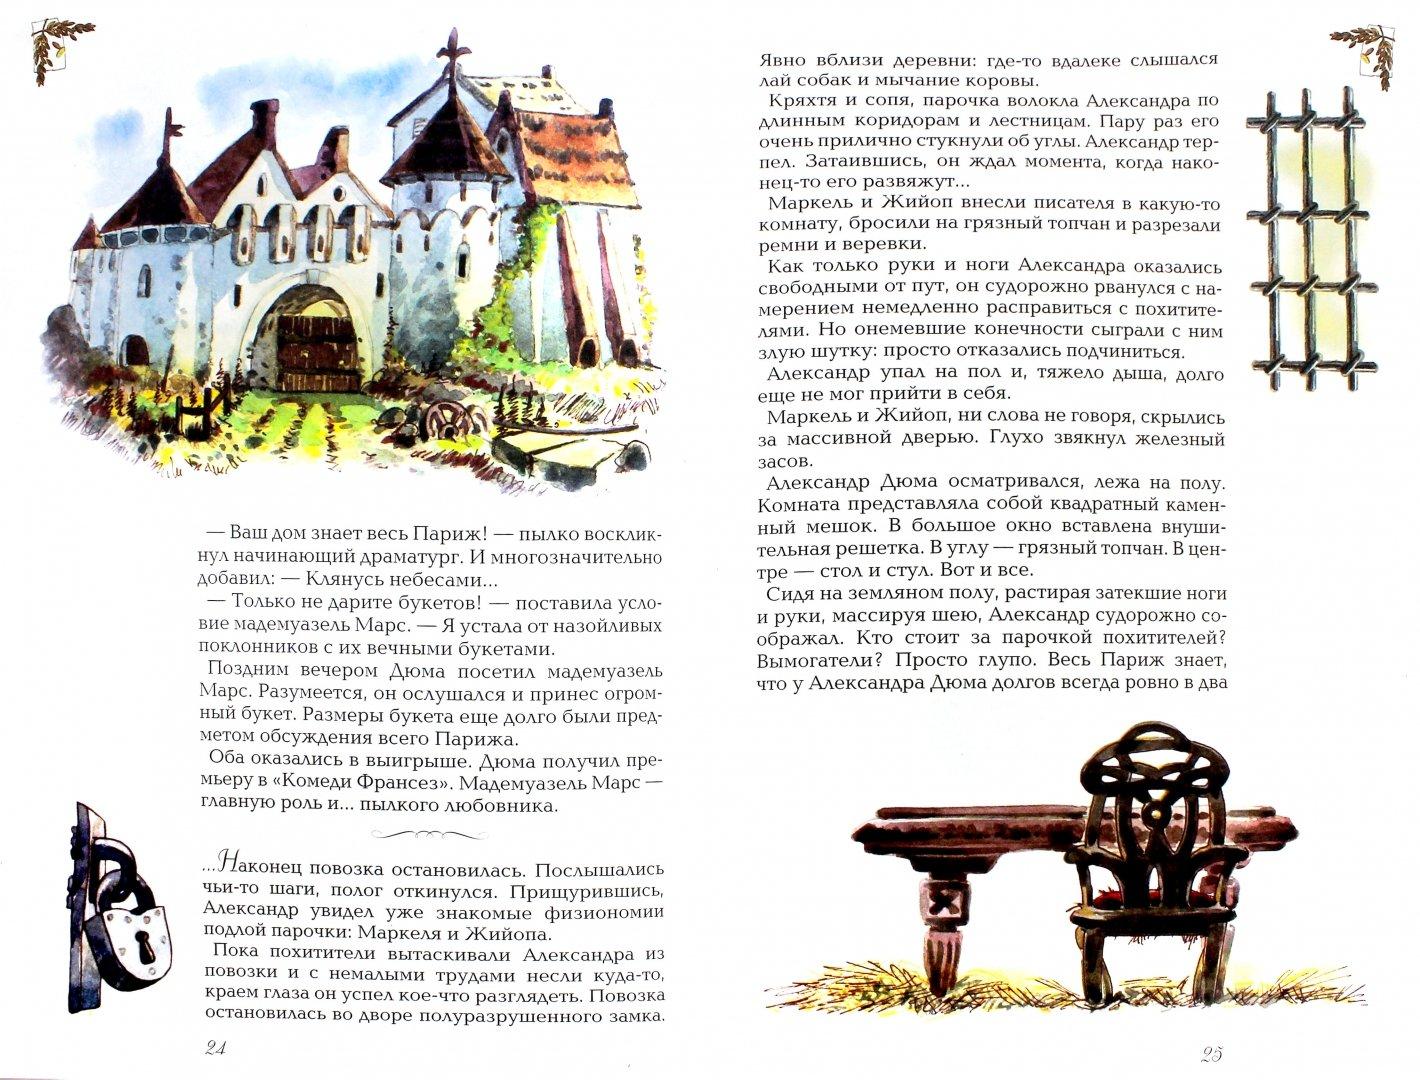 Иллюстрация 1 из 23 для Александр Дюма - Анатолий Сергеев | Лабиринт - книги. Источник: Лабиринт